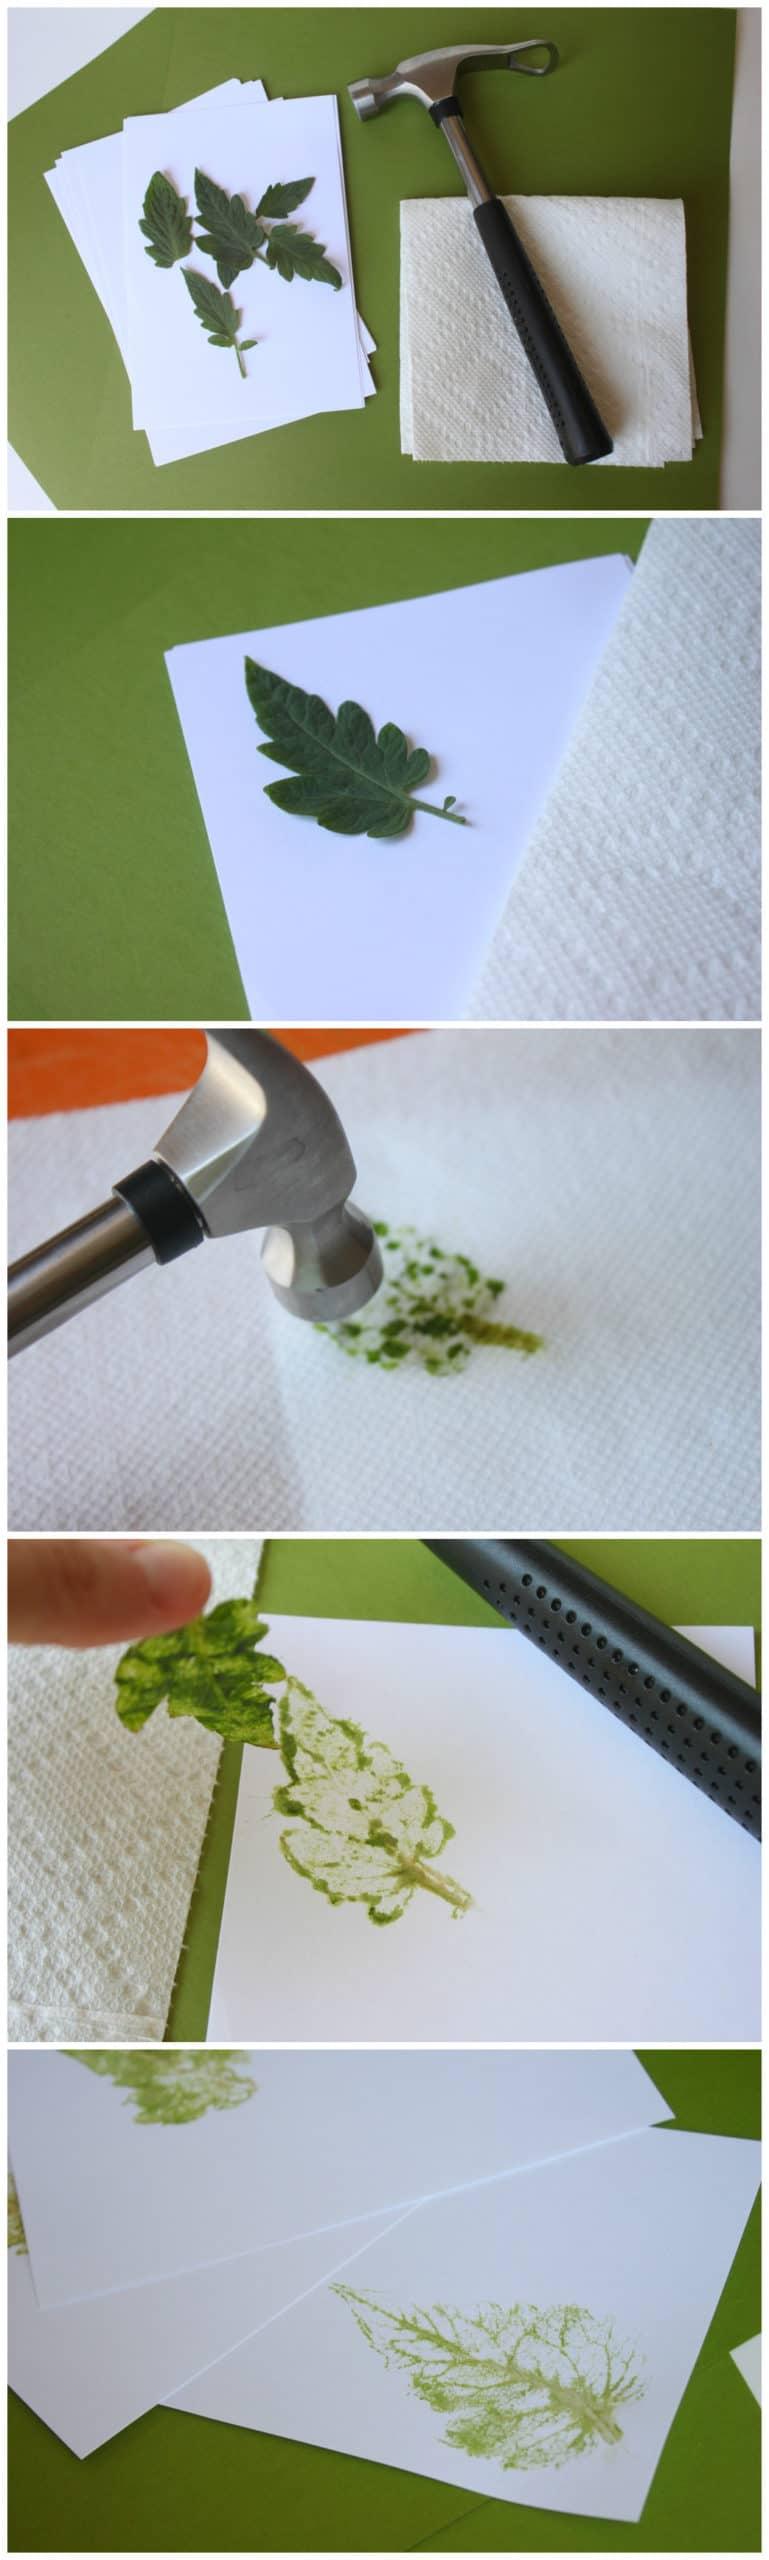 Hammered leaf imprint cards